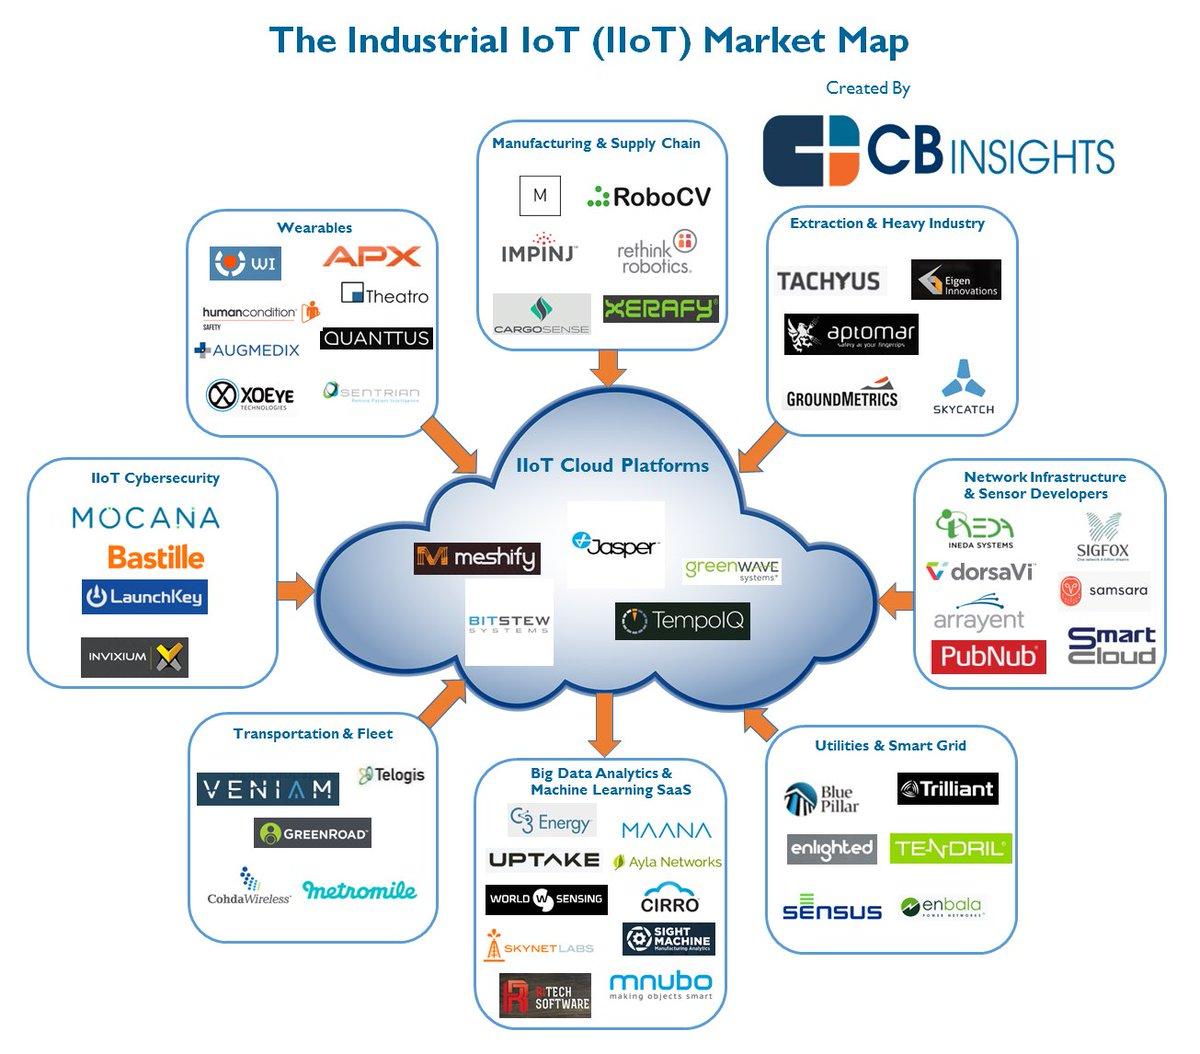 The Industrial IoT Market Map (IIoT)